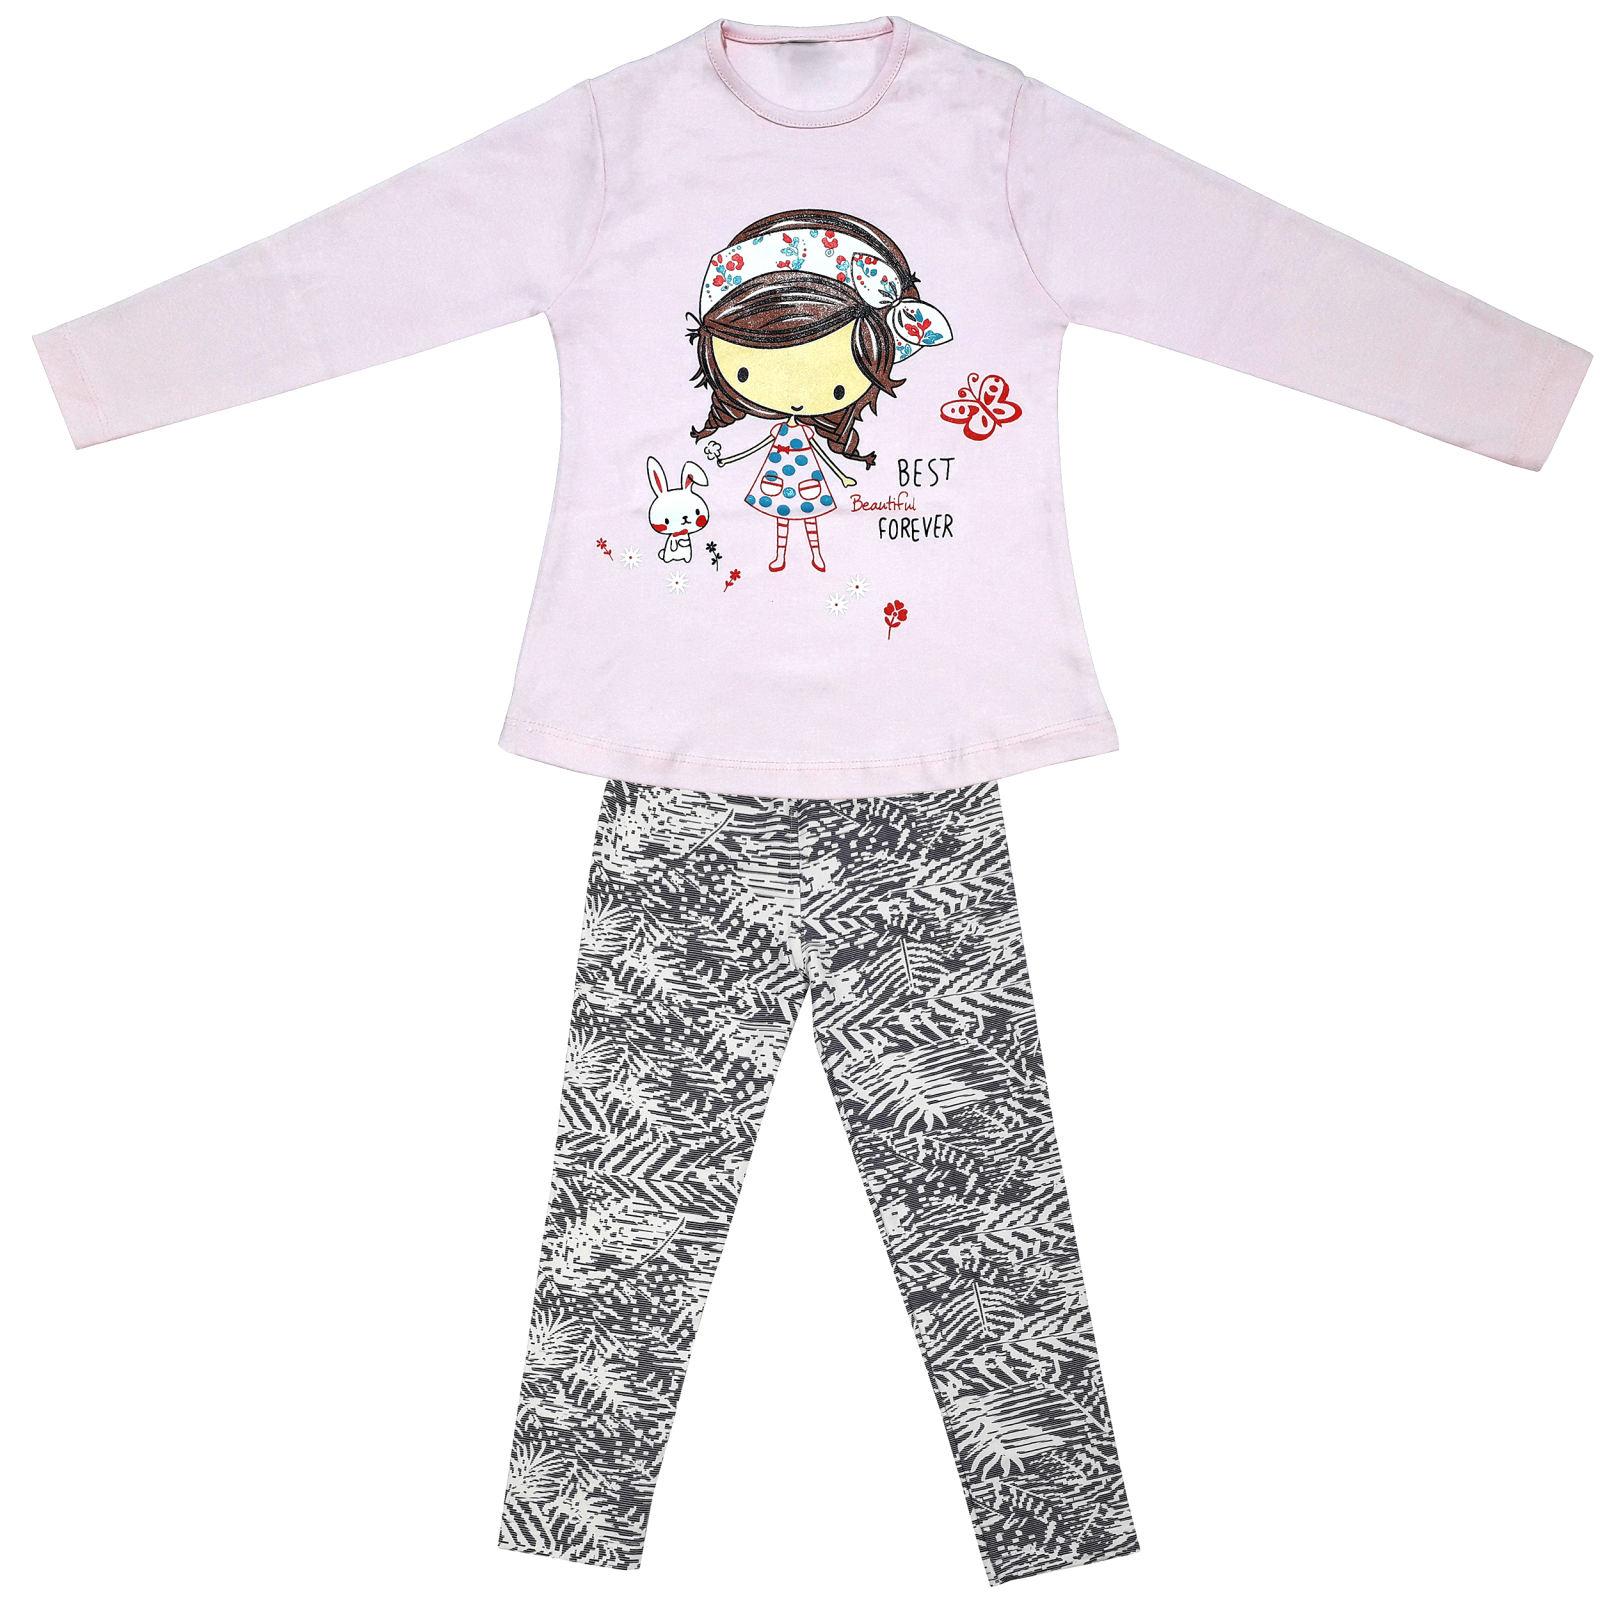 ست تی شرت و شلوار دخترانه طرح دختر و خرگوش کد 3075 رنگ صورتی -  - 3